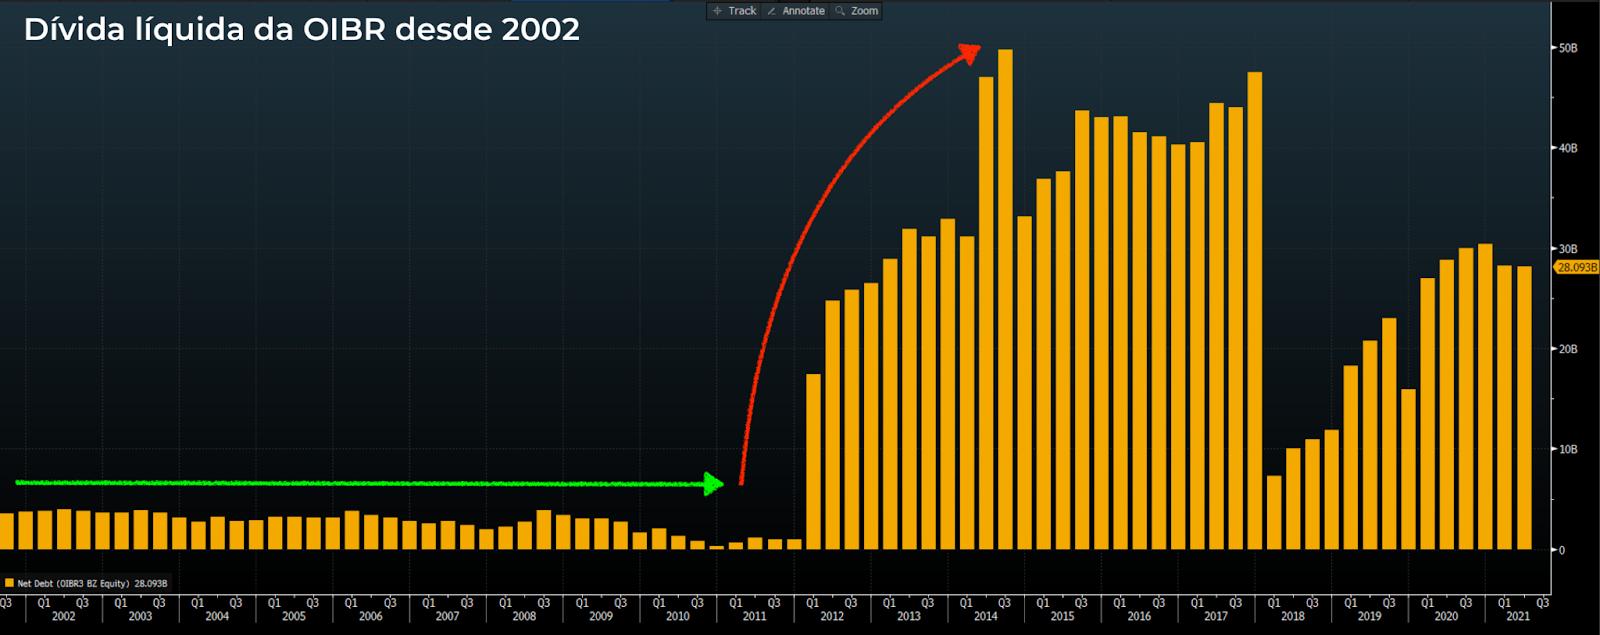 Gráfico apresenta Dívida líquida da OIBR desde 2002.